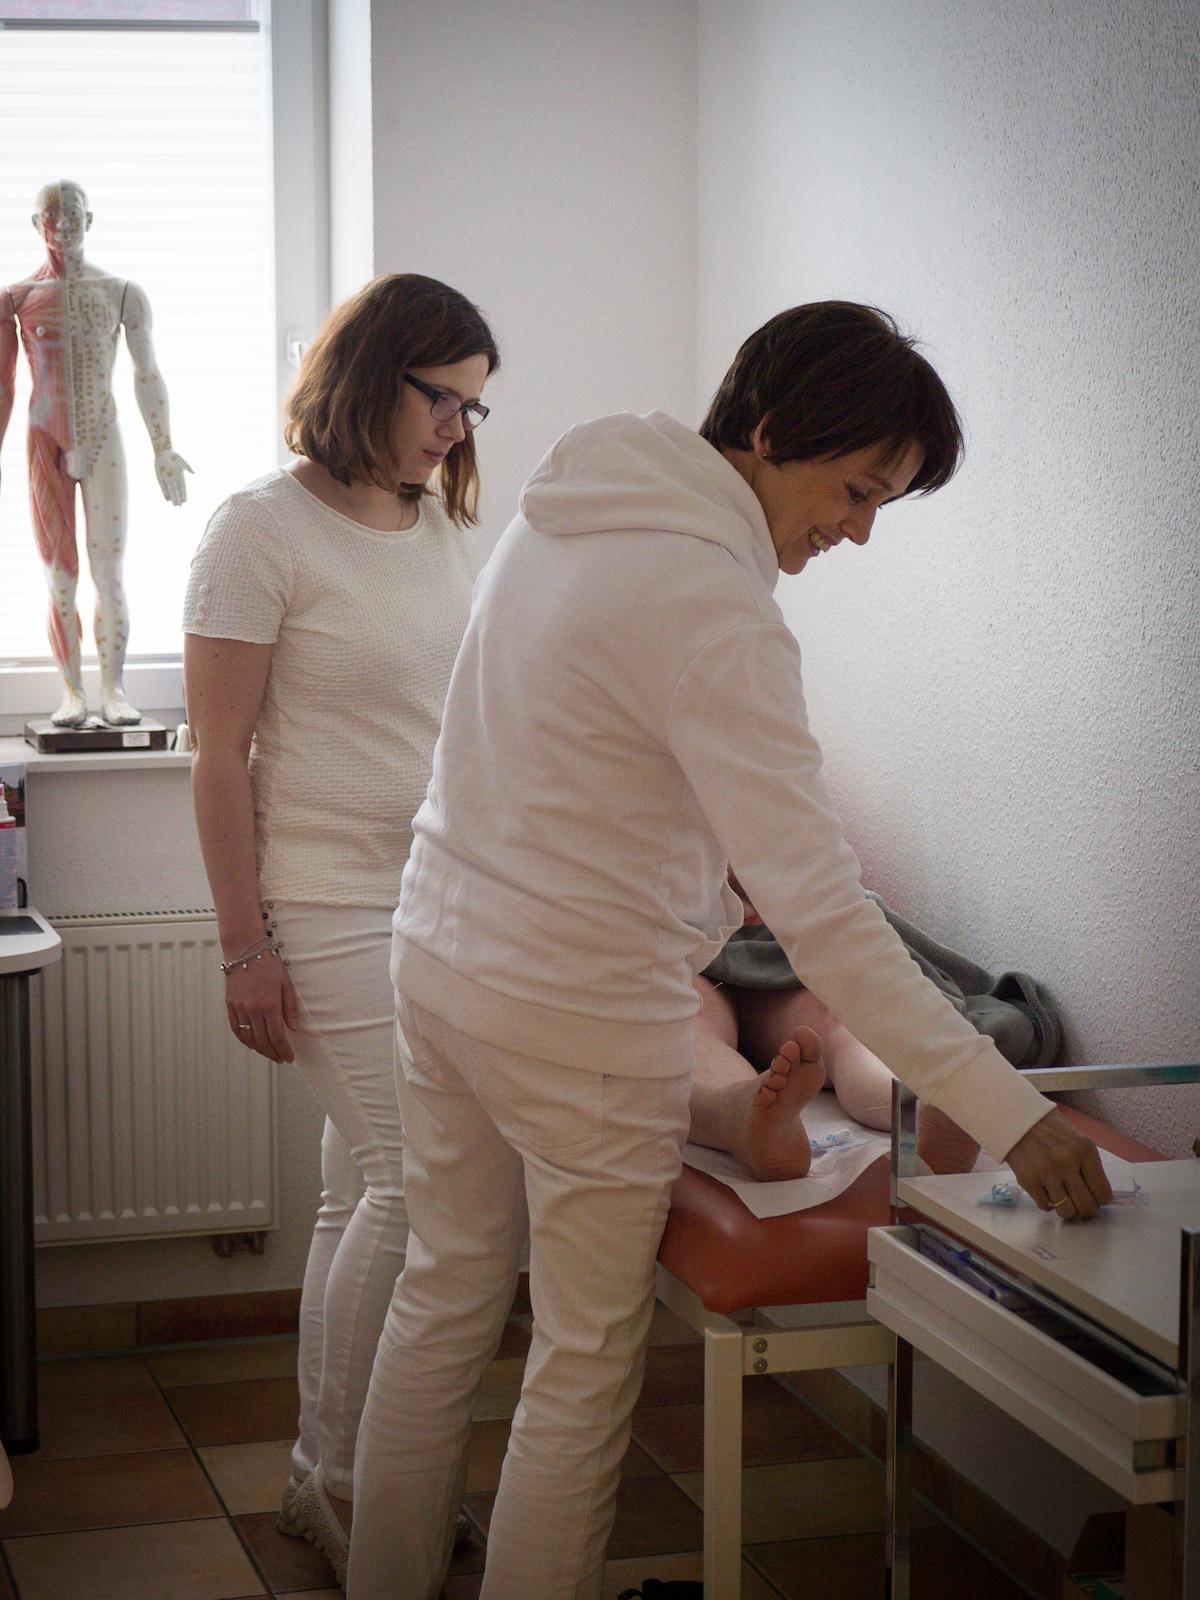 Foto: Anne Sölter - Lichtmeile54 anne.S.photos